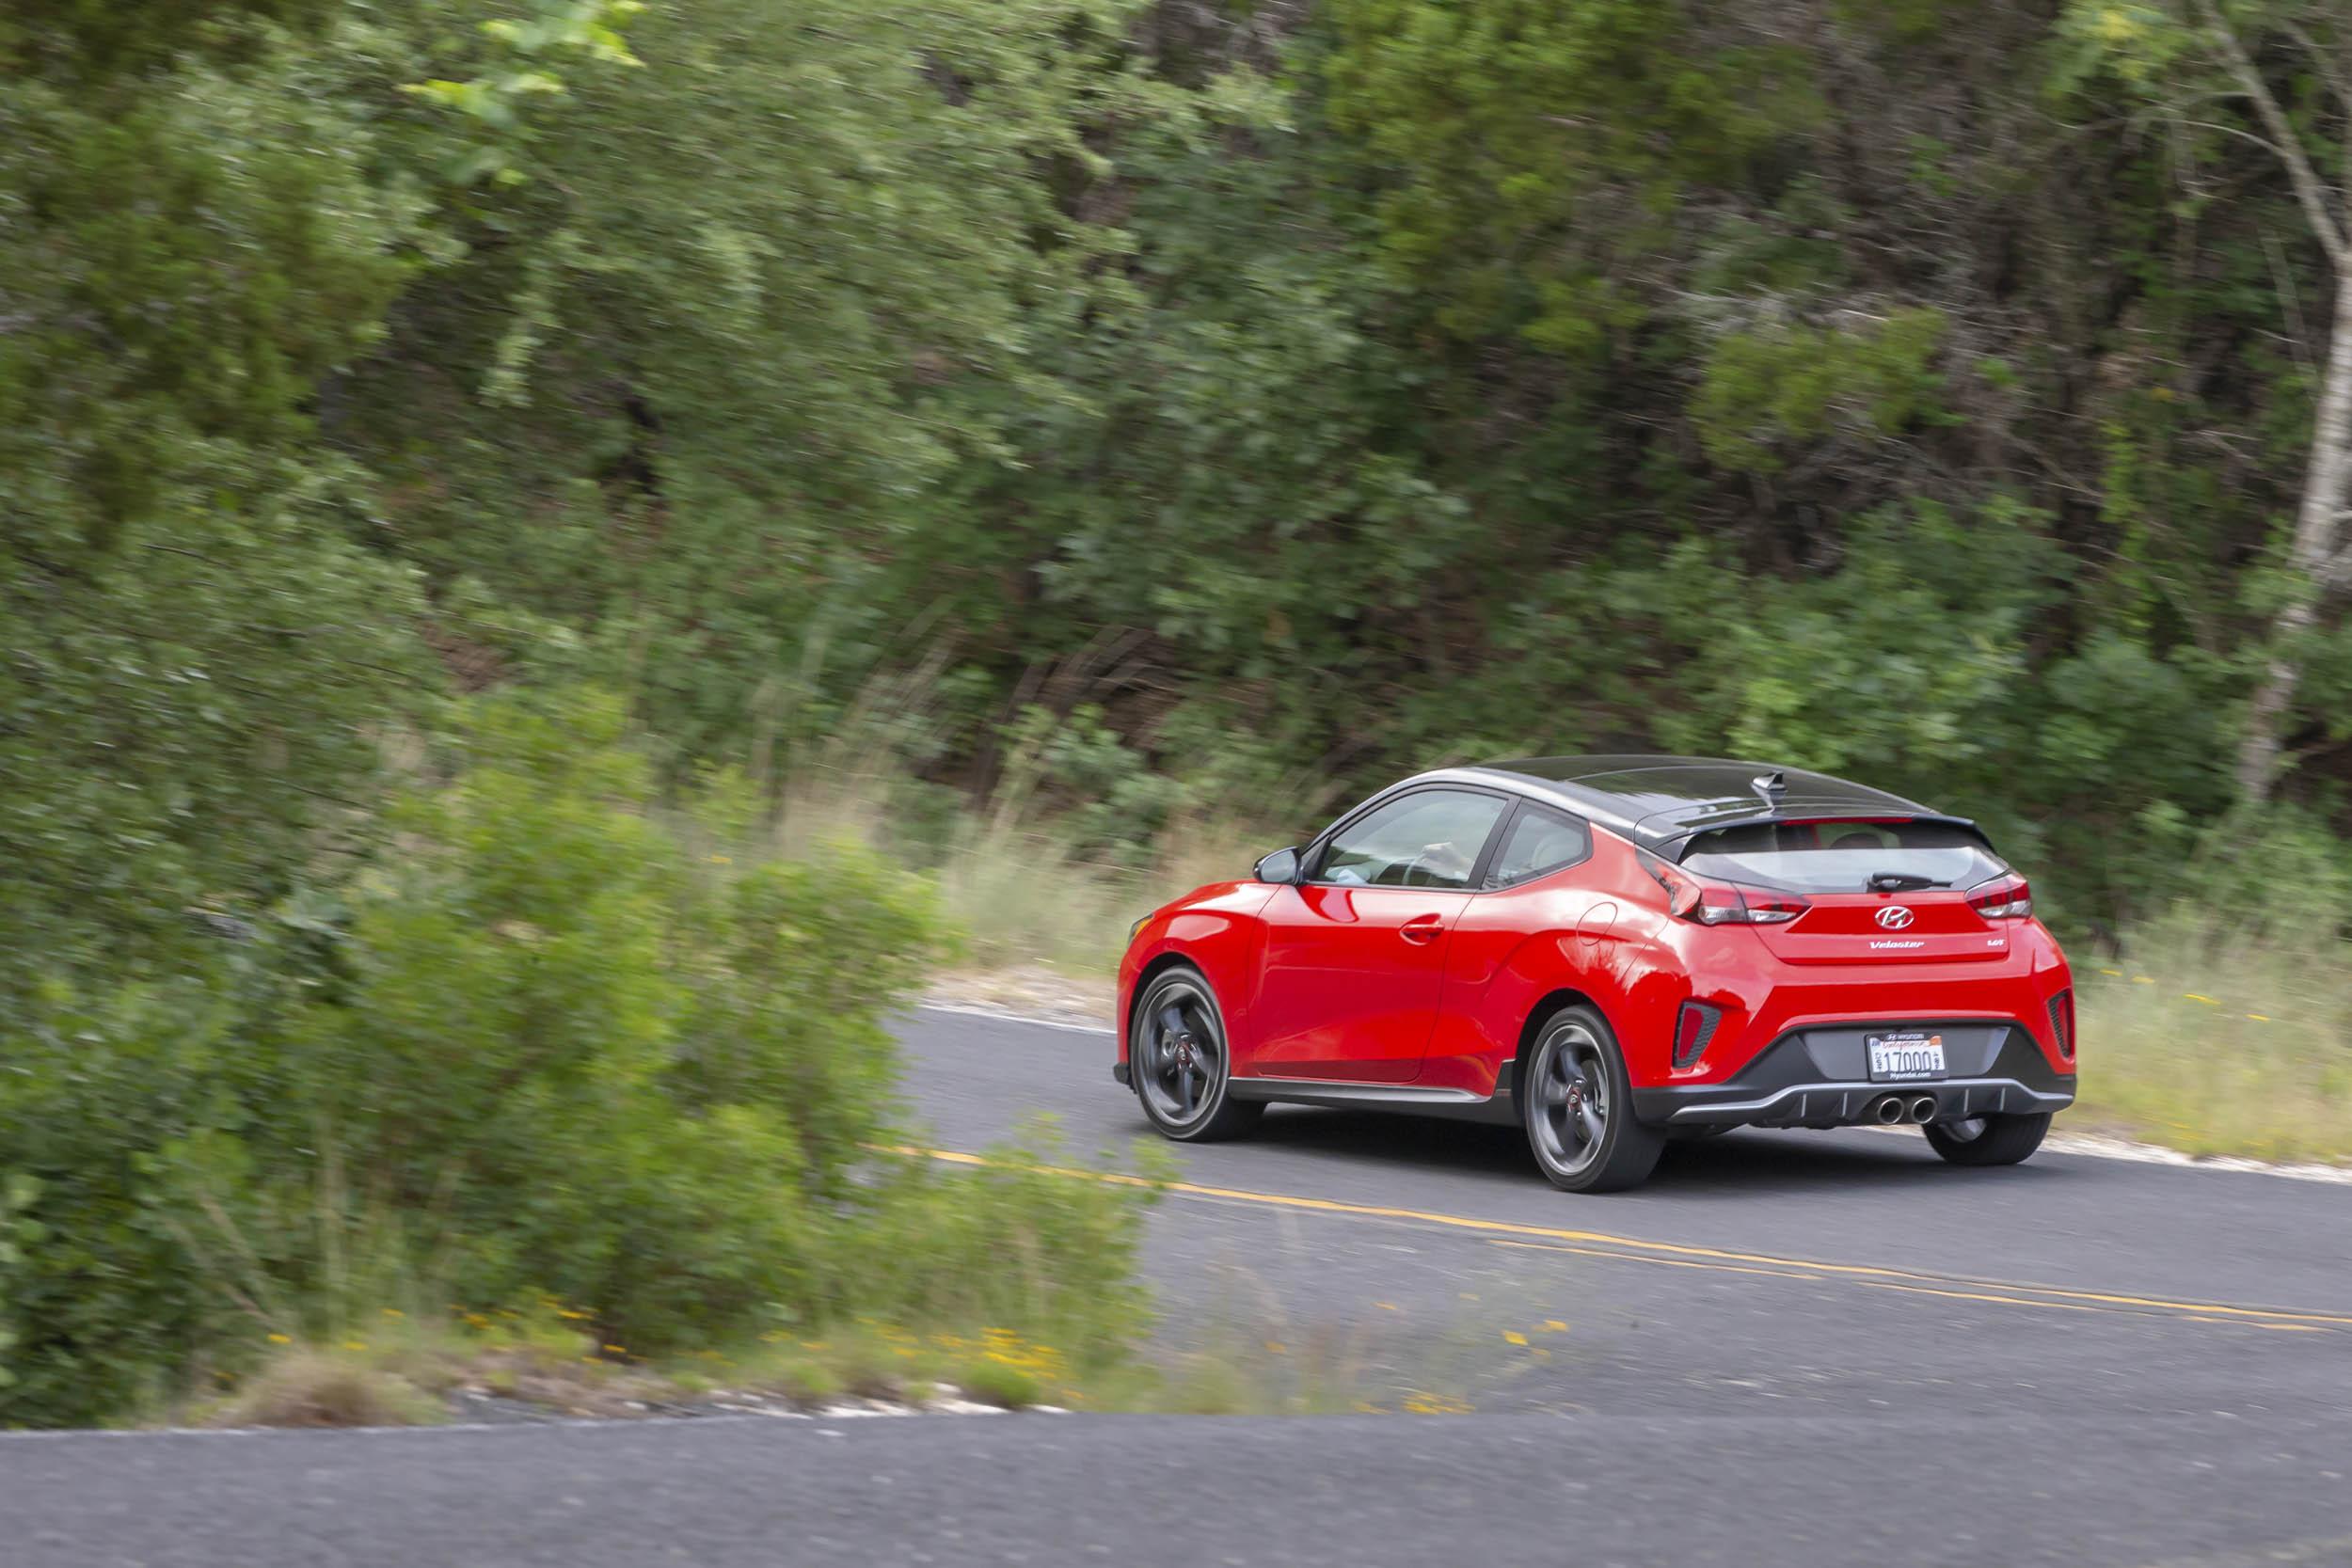 2019 Hyundai Veloster driving around a corner